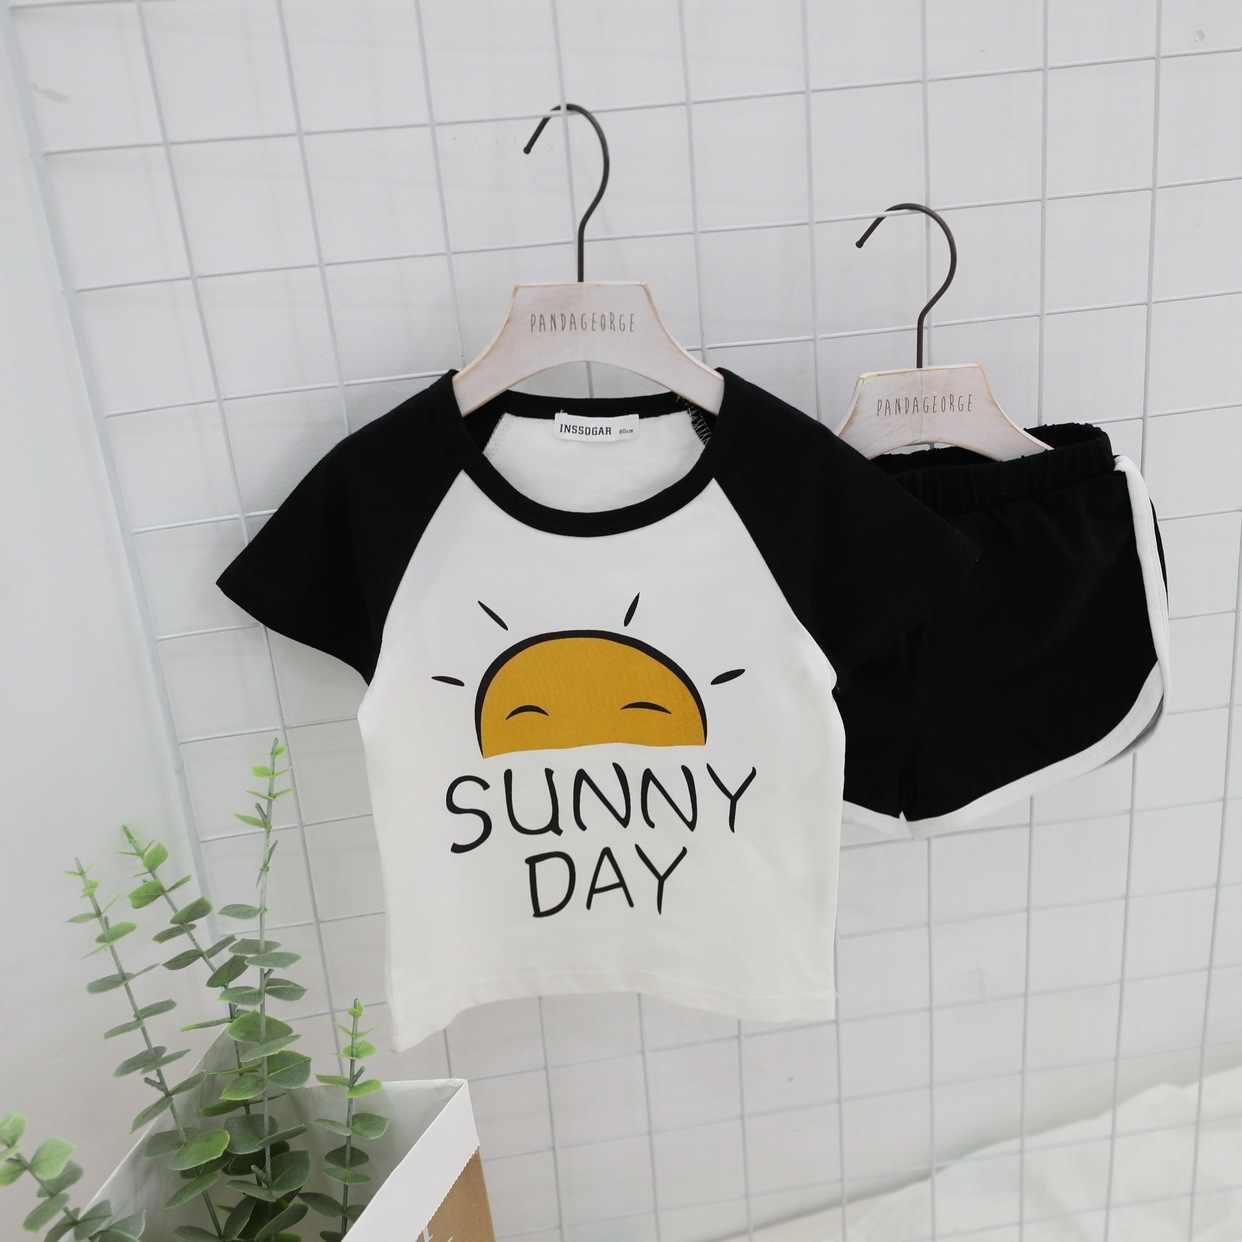 วันเกิด tee 2019 ฤดูร้อนน้องสาวเด็กชายและเด็กหญิงการ์ตูน raglan แขนเสื้อยืดกางเกงขาสั้นสบายๆชุดนอน